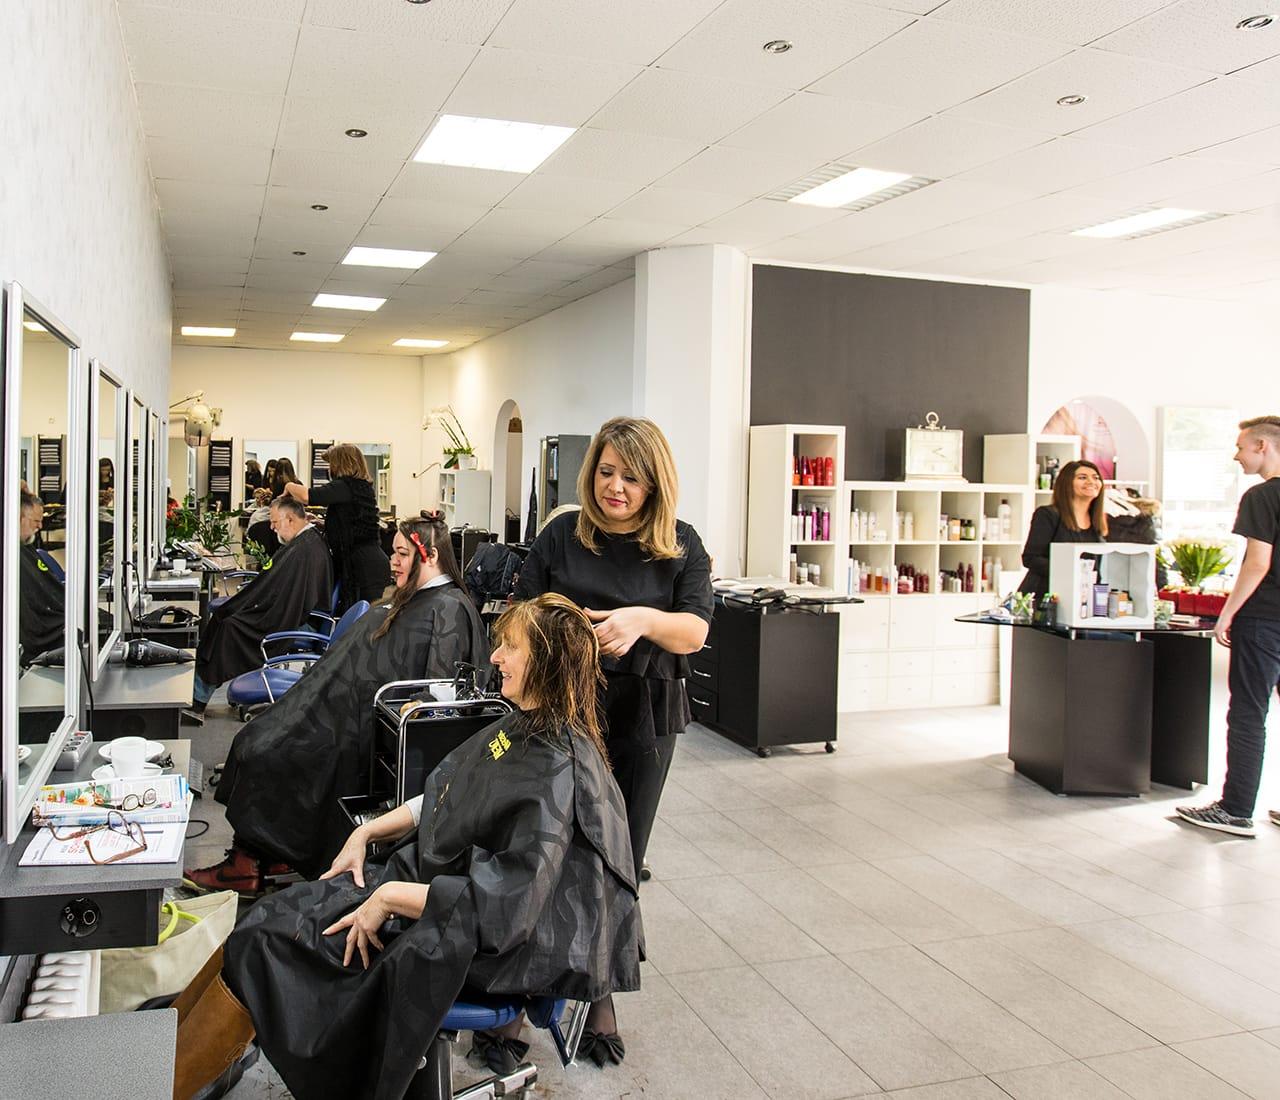 Mitarbeiterin von Memo's Haarstudio beim Färben der Haare einer Kundin